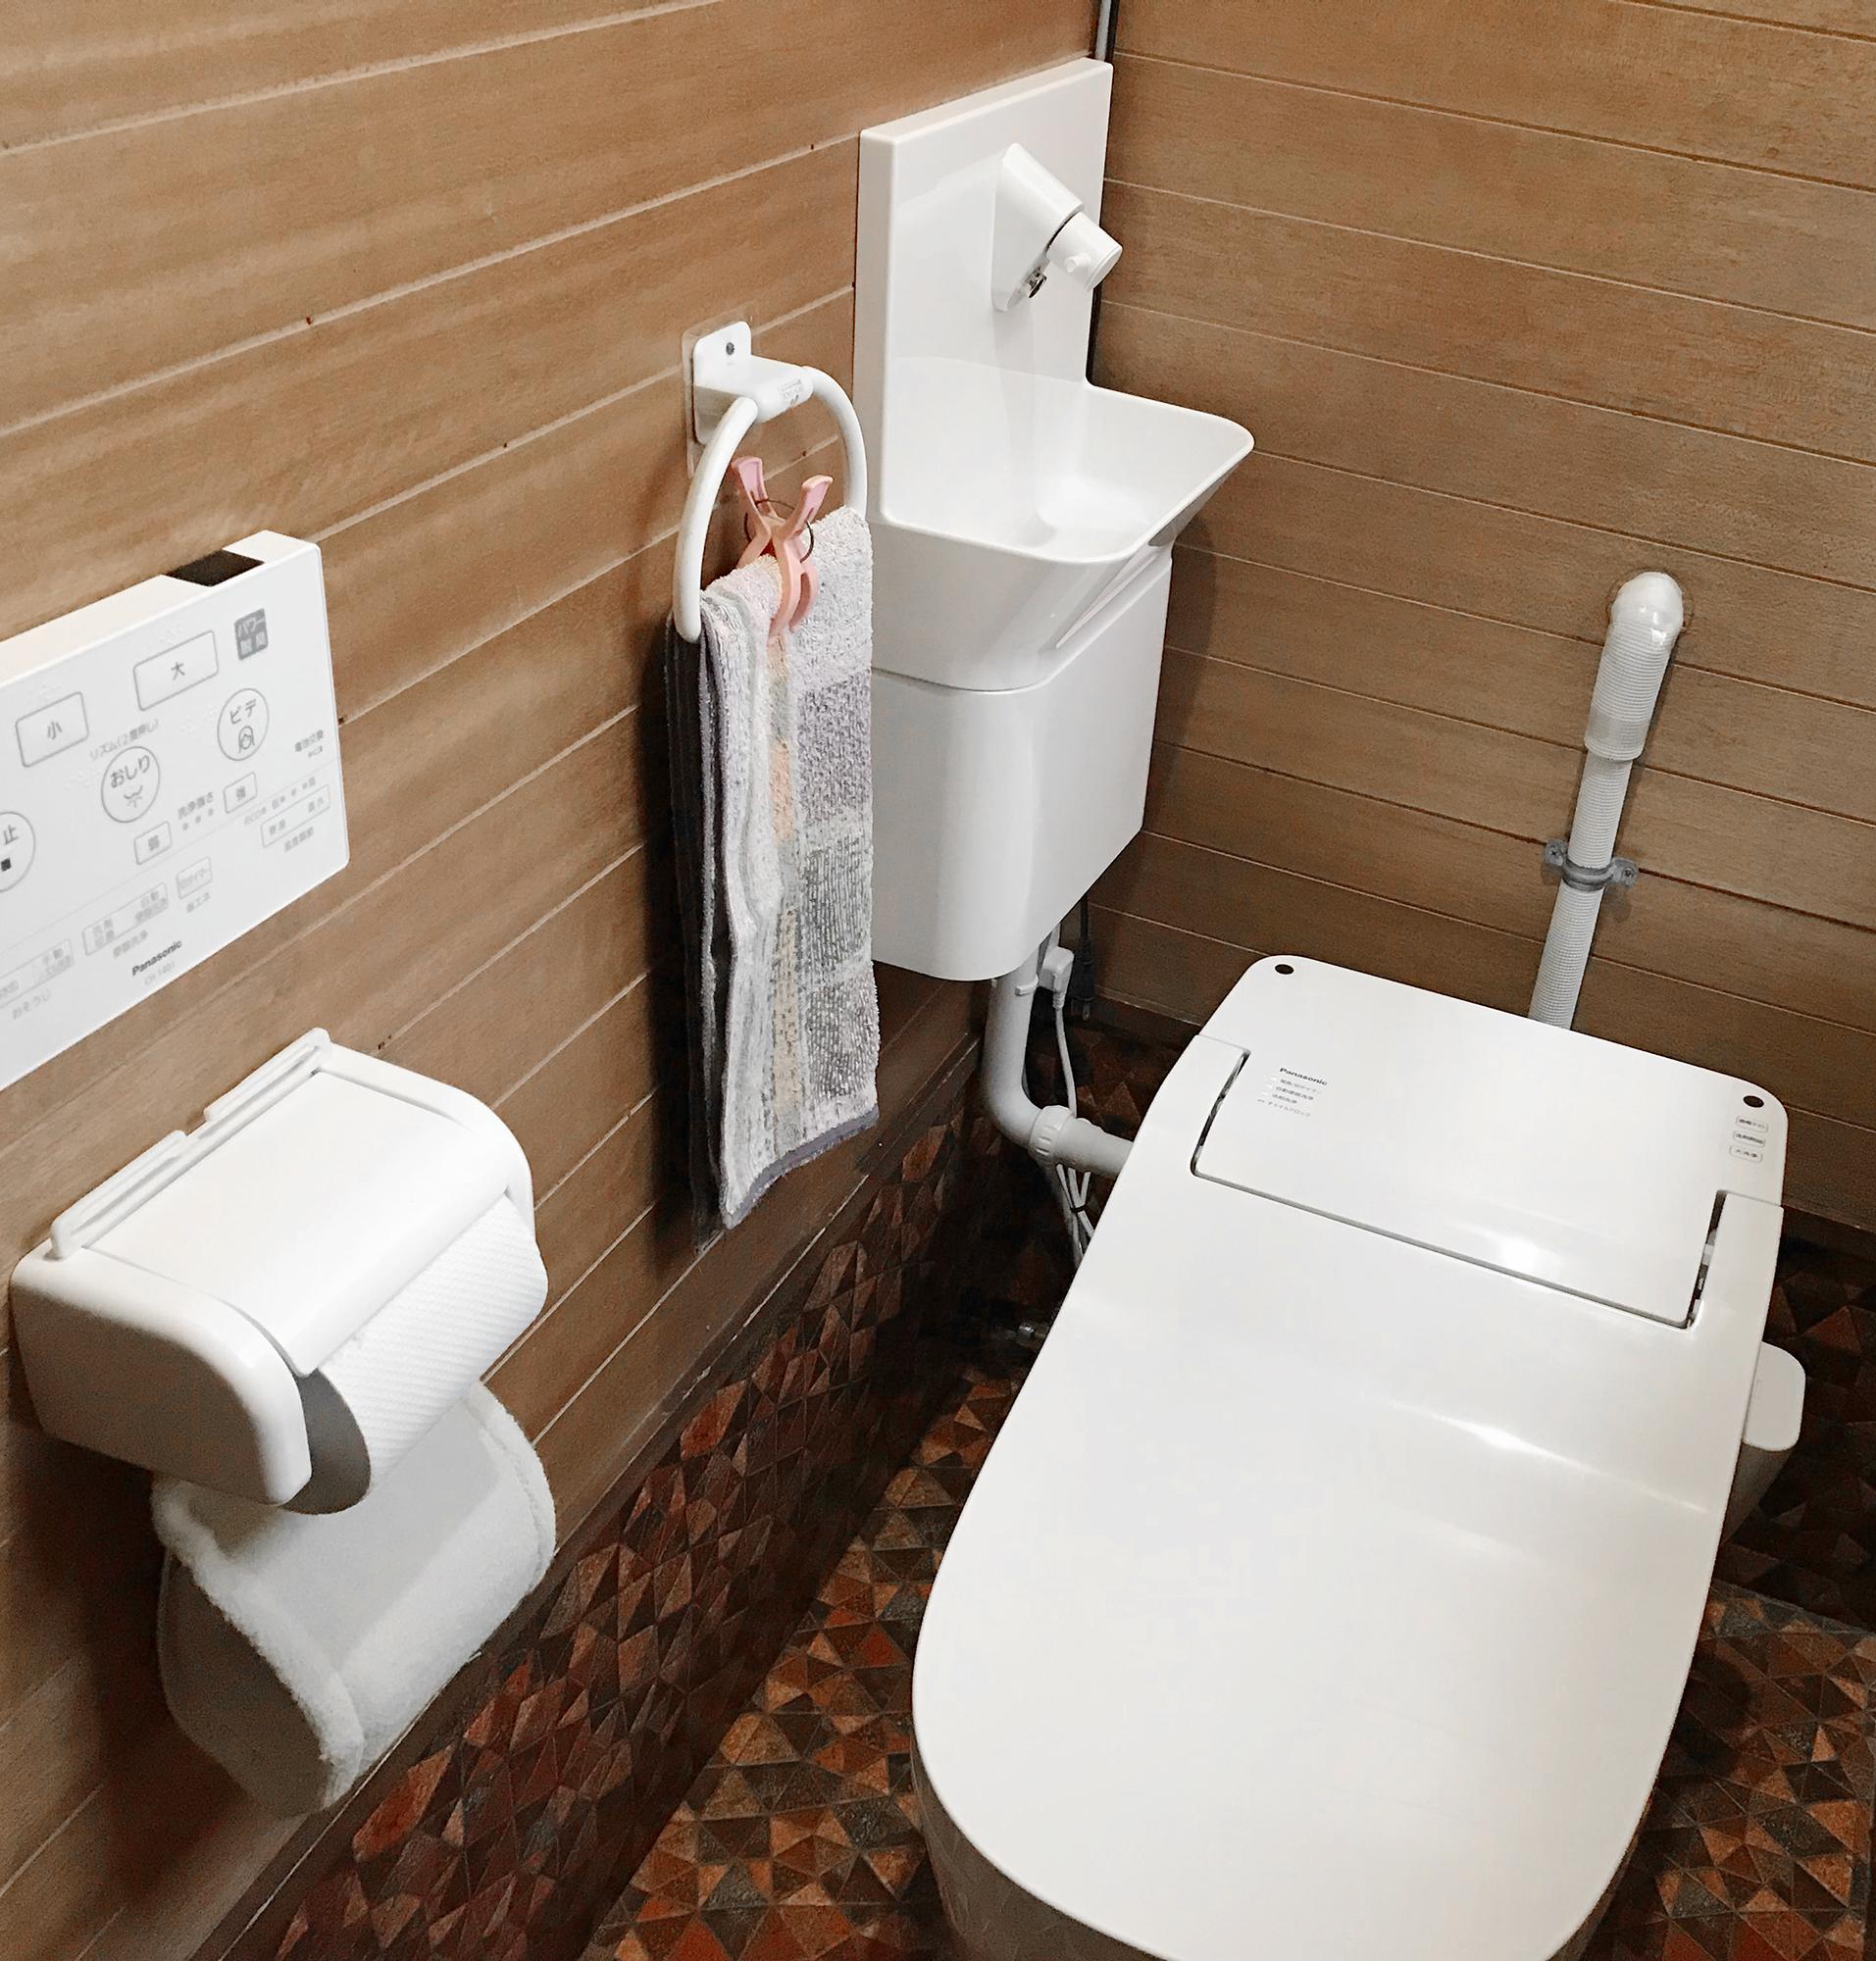 タンクレストイレ手洗い器付き!ワンデーリモデルタイプ